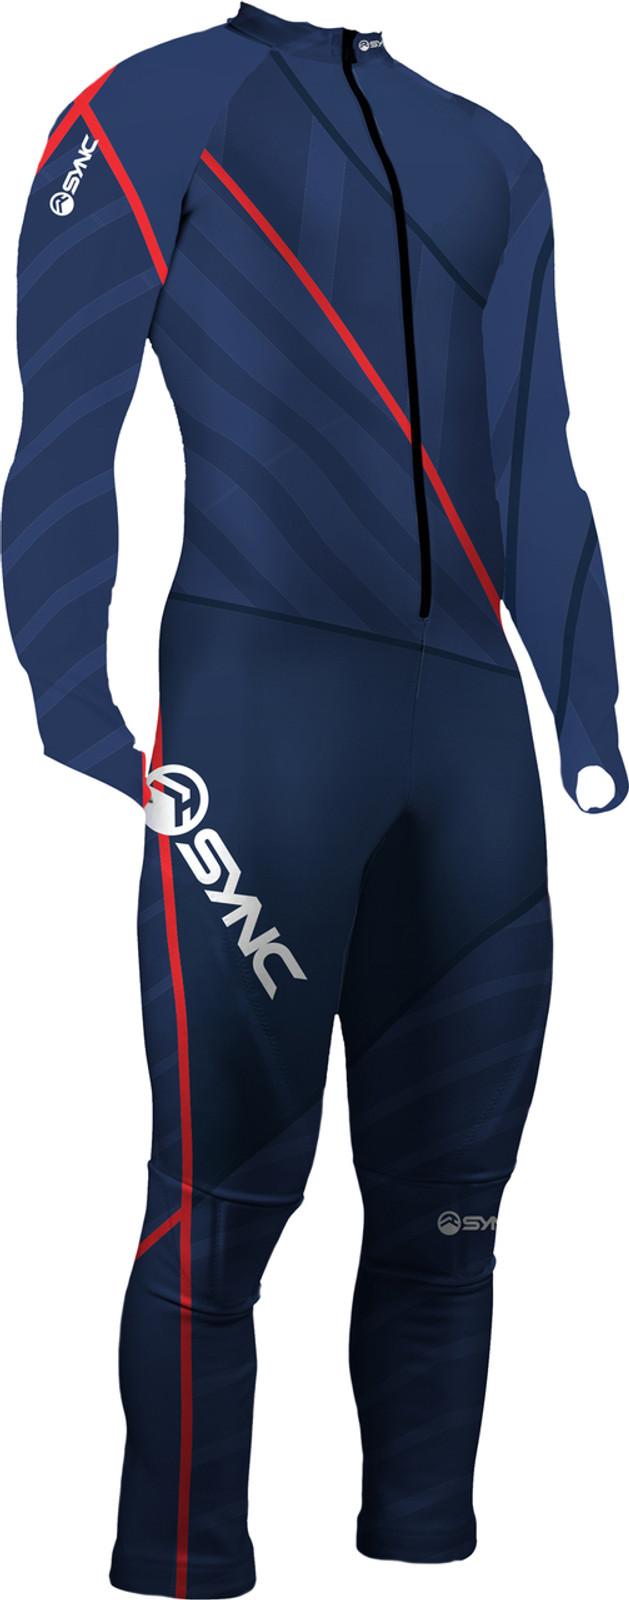 Sync Champ GS Race Suit